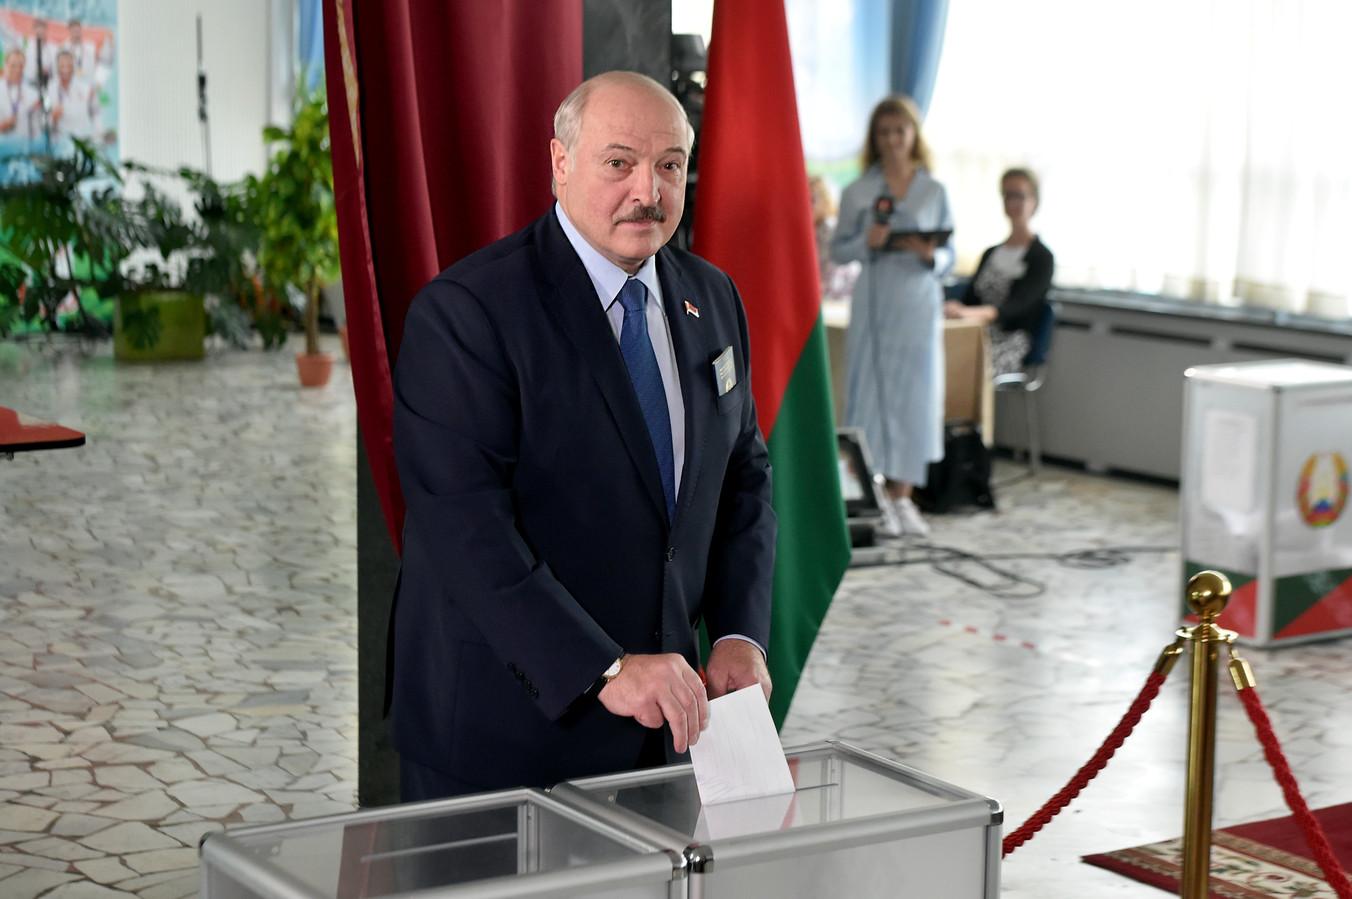 President Alexander Loekasjenko brengt zijn stem uit tijdens de verkiezingen in Wit-Rusland.